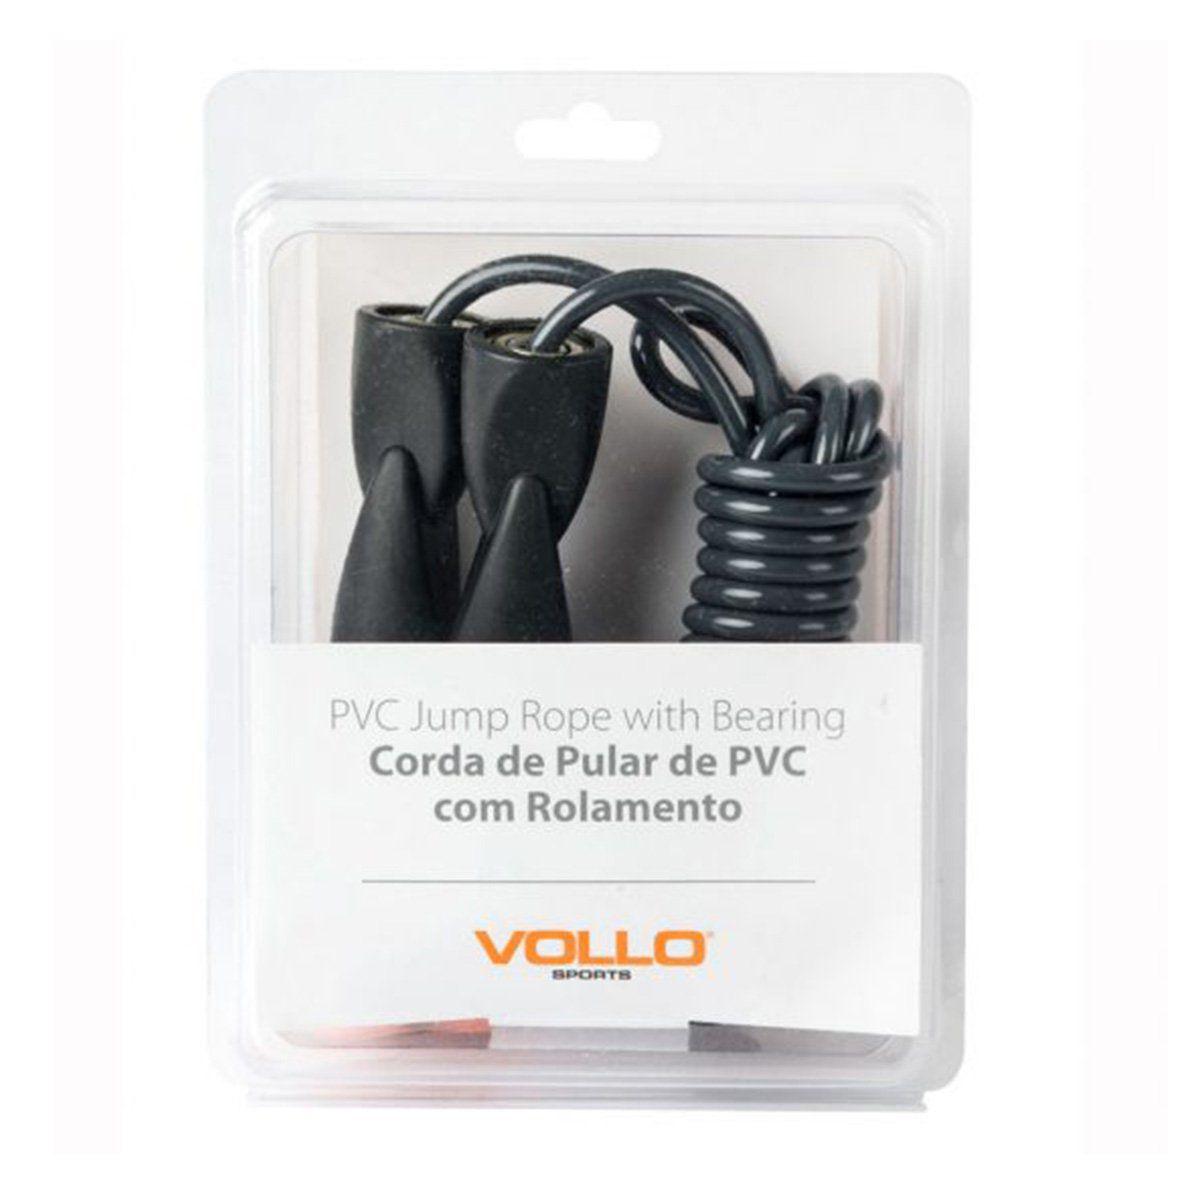 Corda de Pular de PVC Vollo 2.75m